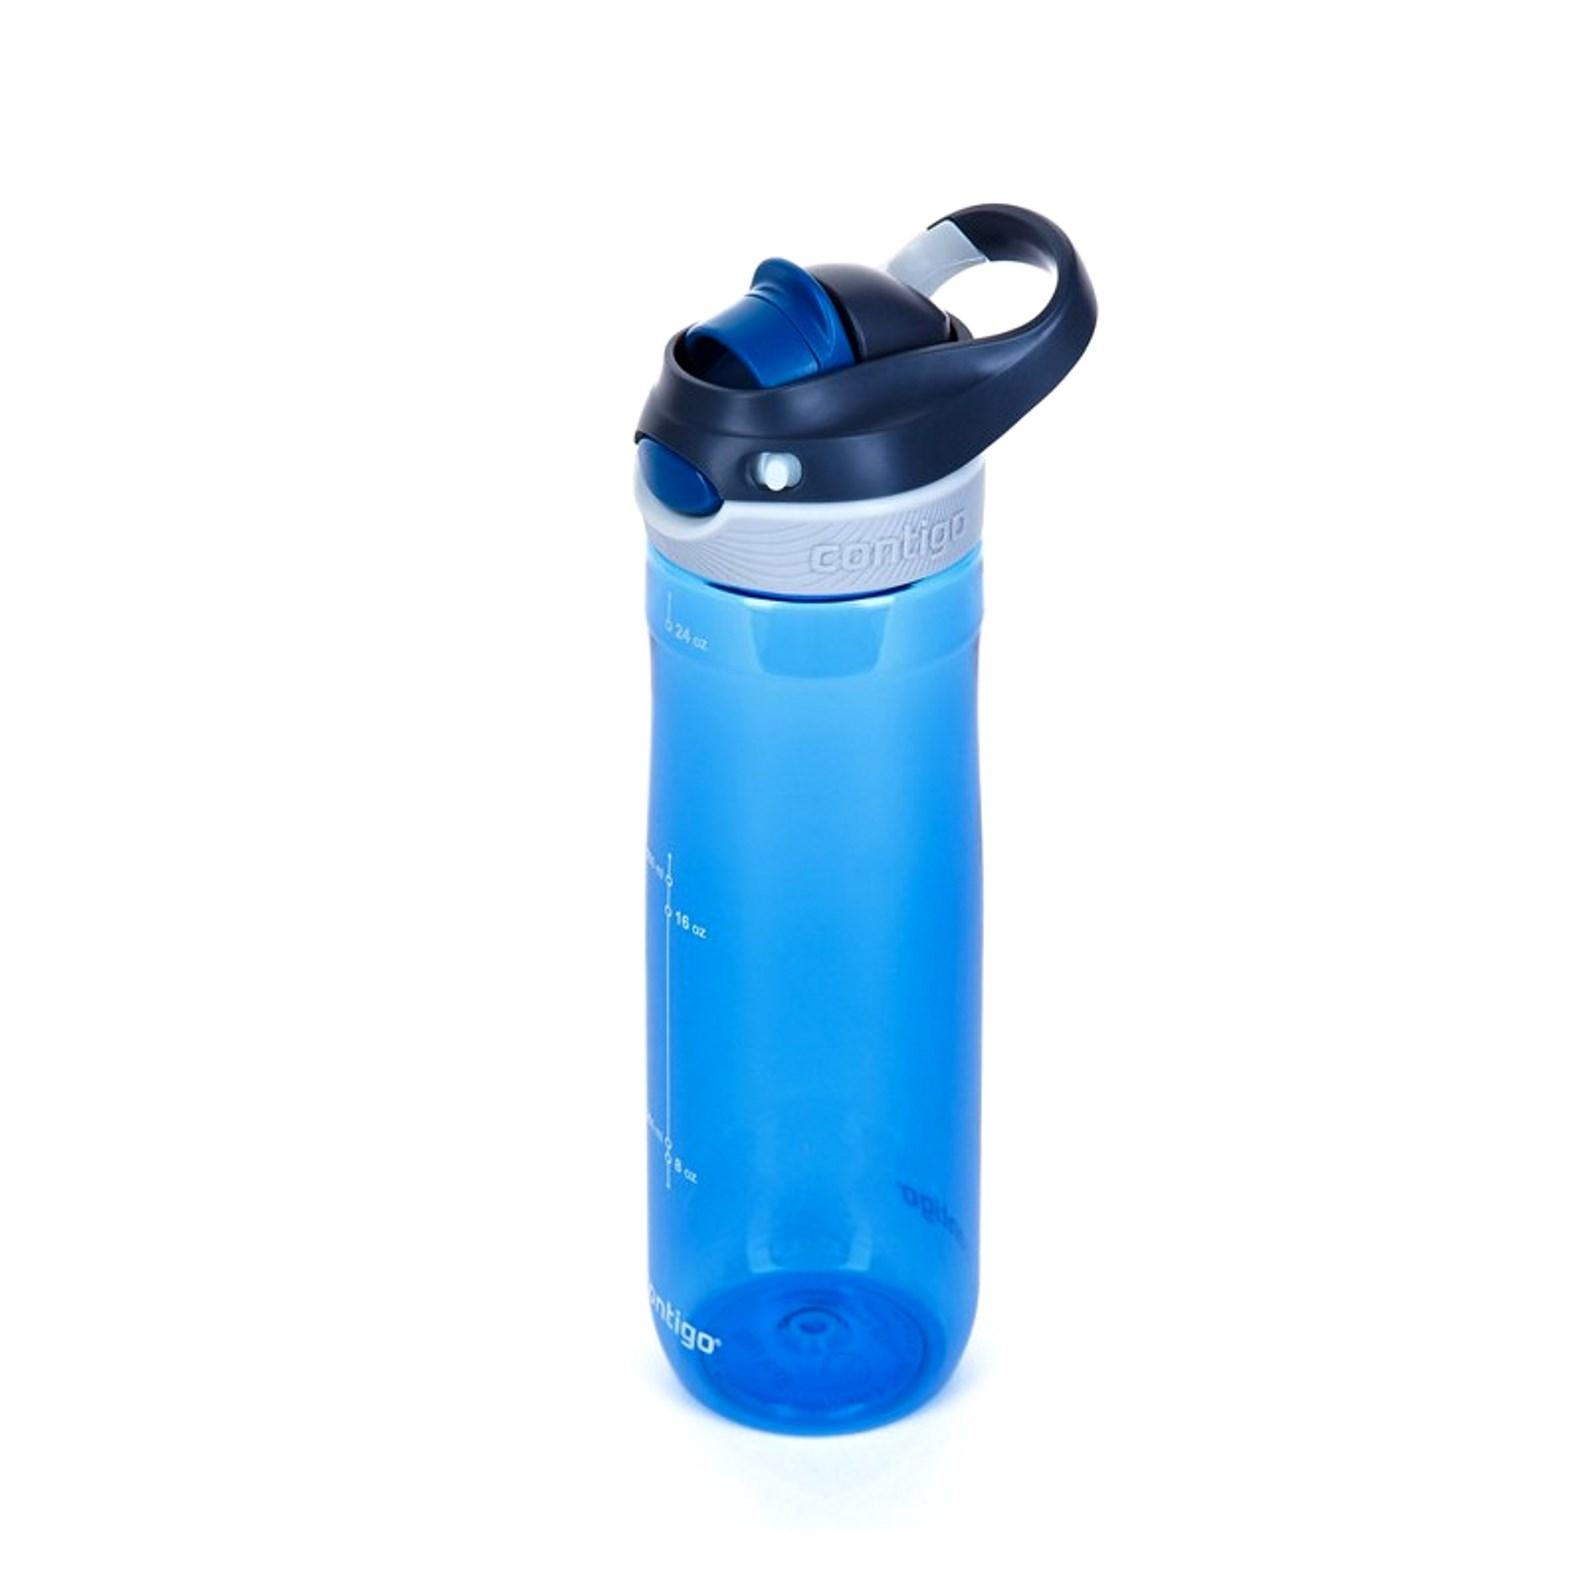 Онлайн каталог PROMENU: Бутылка для воды спортивная Contigo AUTOSPOUT CHUG, объем 0,72 л, голубой Contigo 2095087